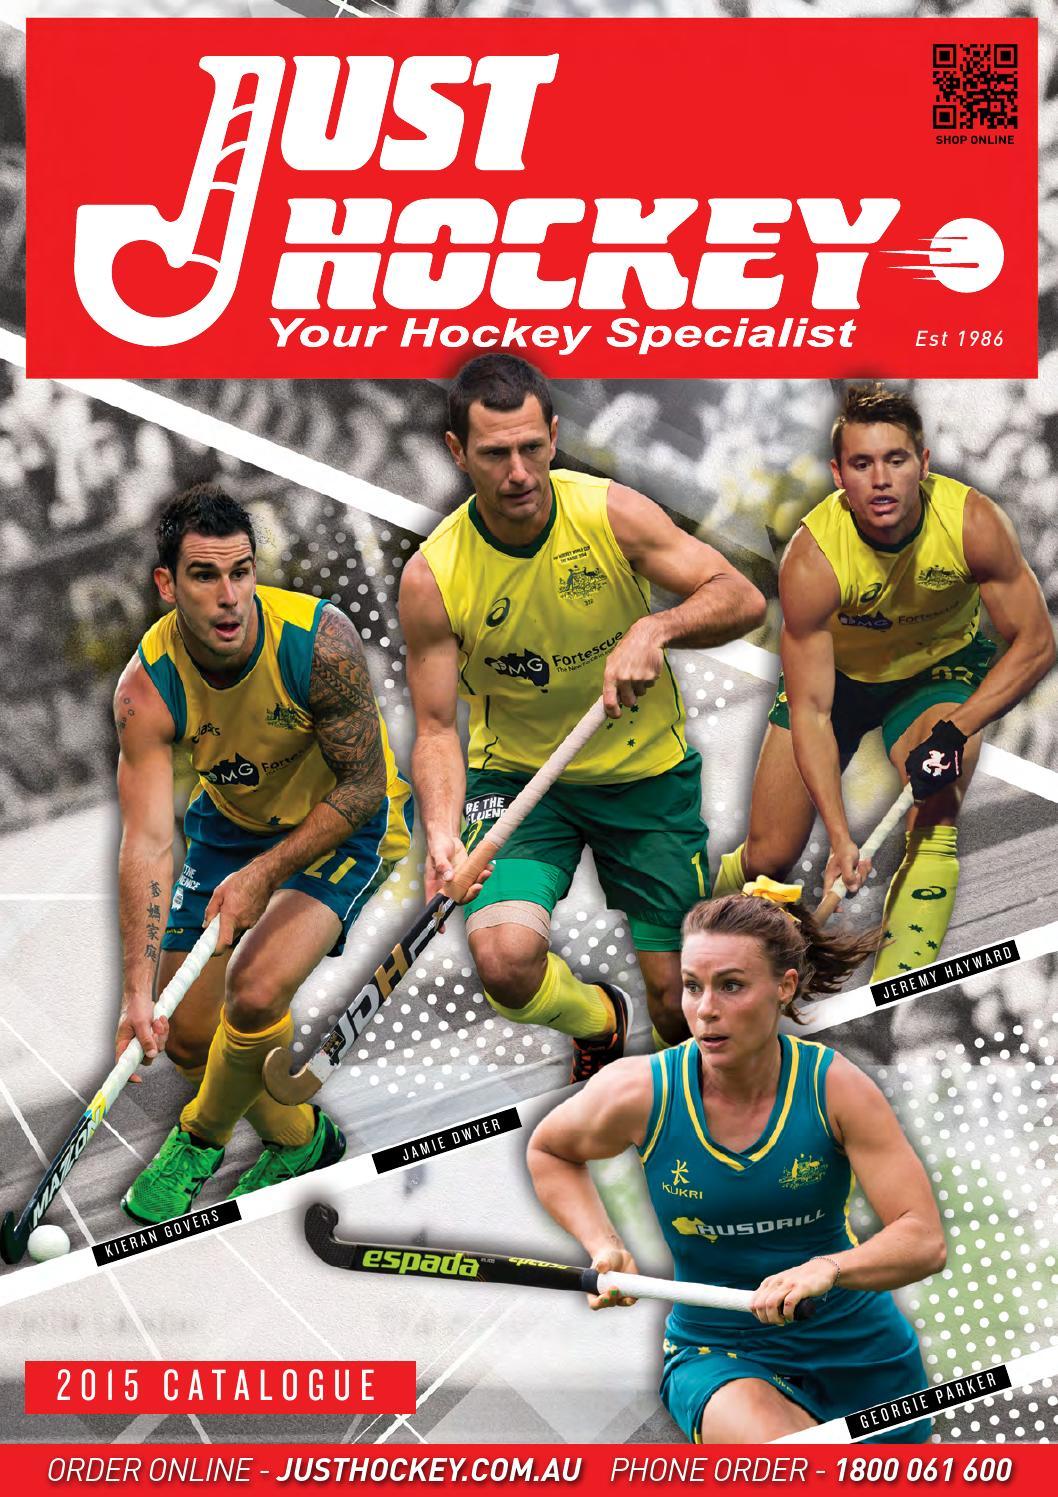 Just Hockey Catalogue 2015 by Just Hockey - issuu